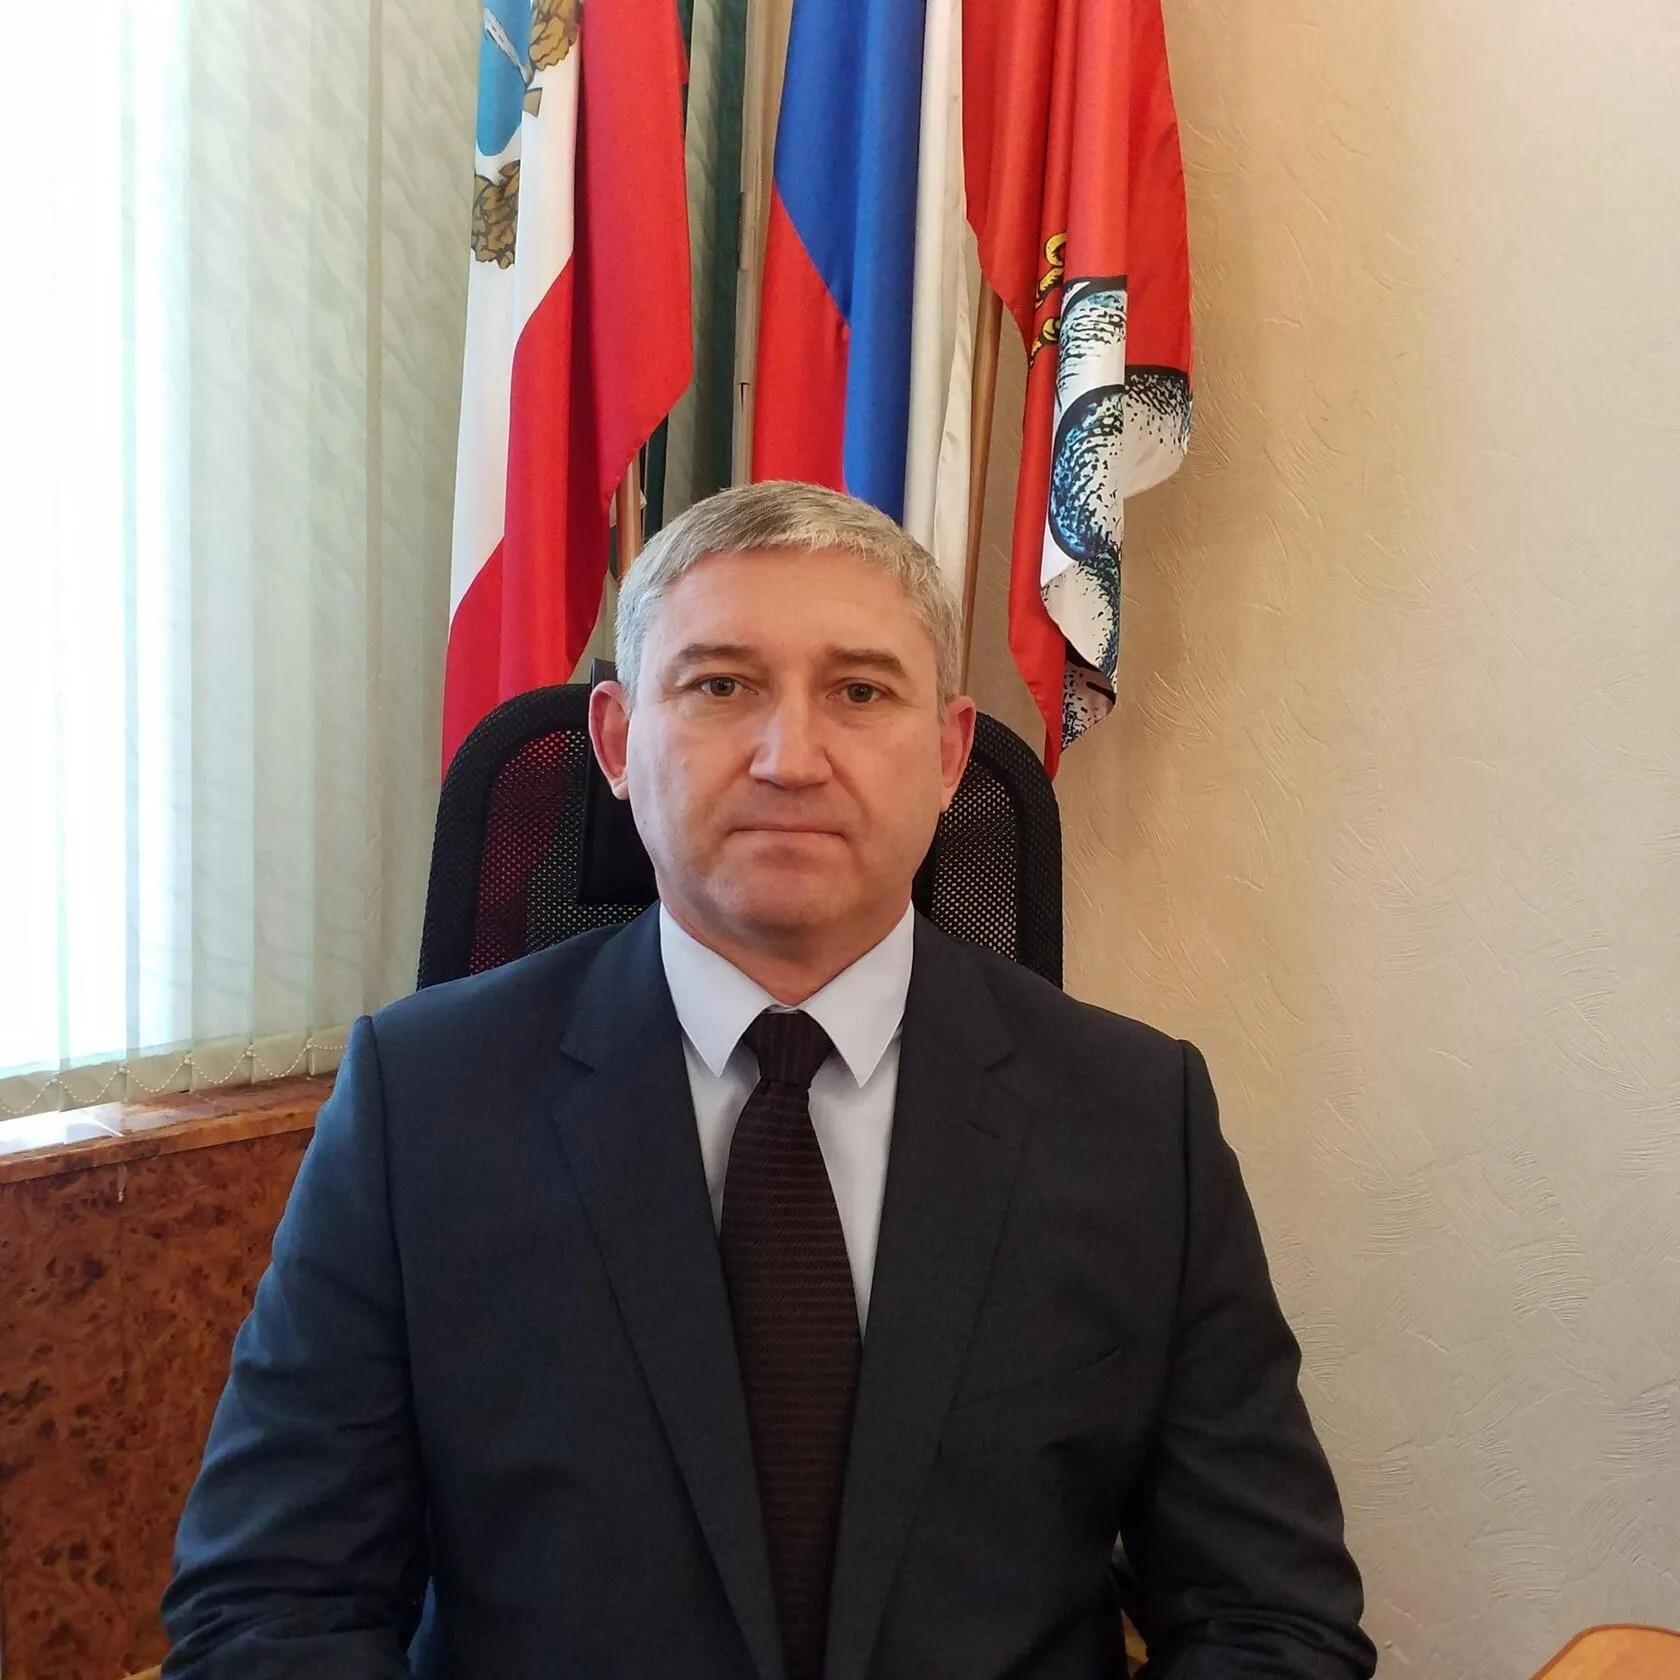 Поздравление с Днём работников дорожного хозяйства от временно исполняющего обязанности главы Петровского района В.В. Макарова